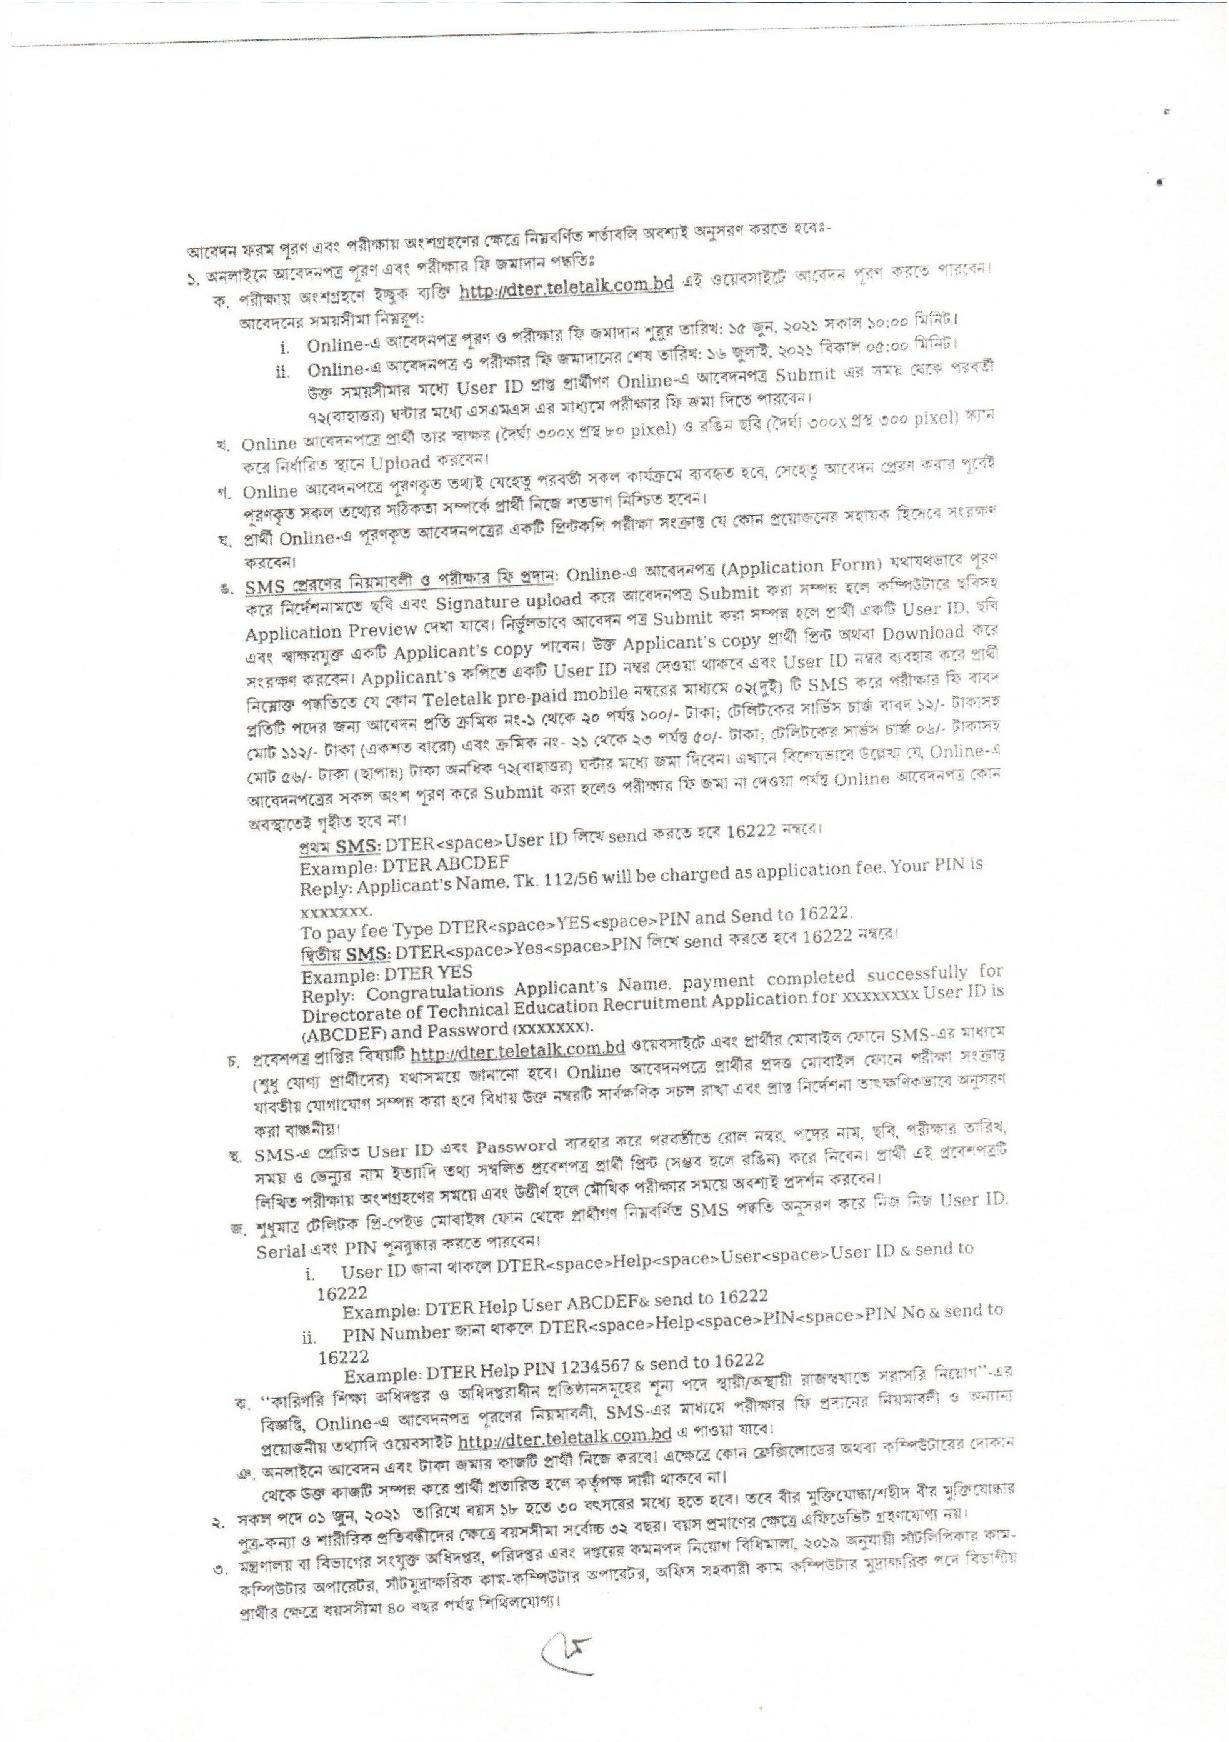 ২৮২ পদে কারিগরি শিক্ষা অধিদপ্তরের নতুন নিয়োগ বিজ্ঞপ্তি